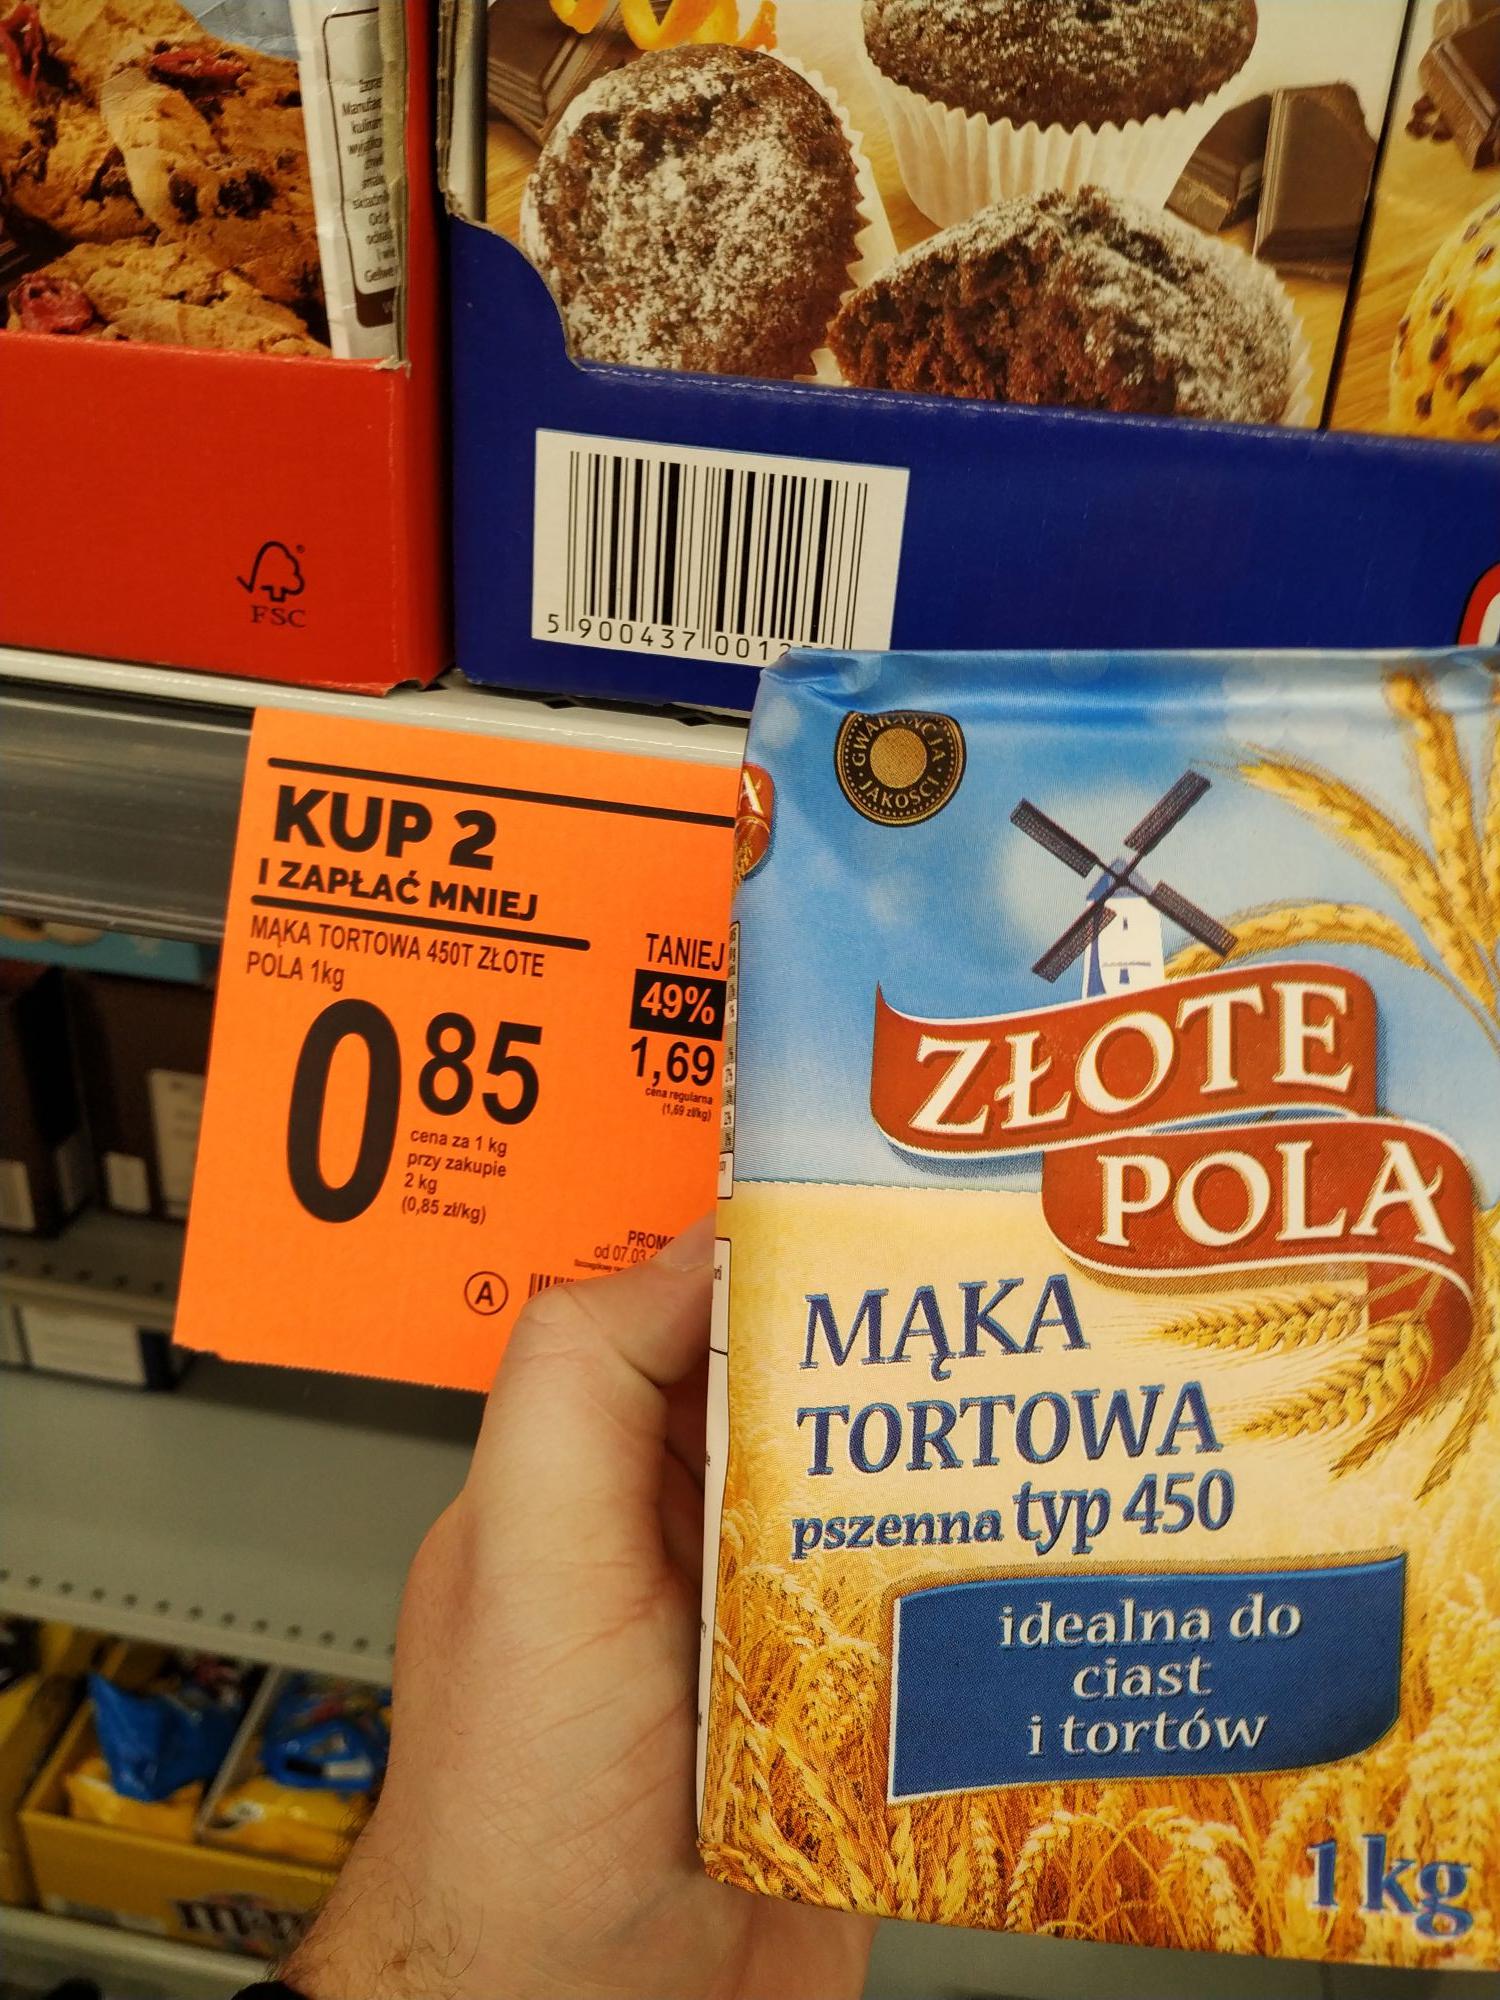 Mąka cena przy zakupie 2 szt. W Biedronce